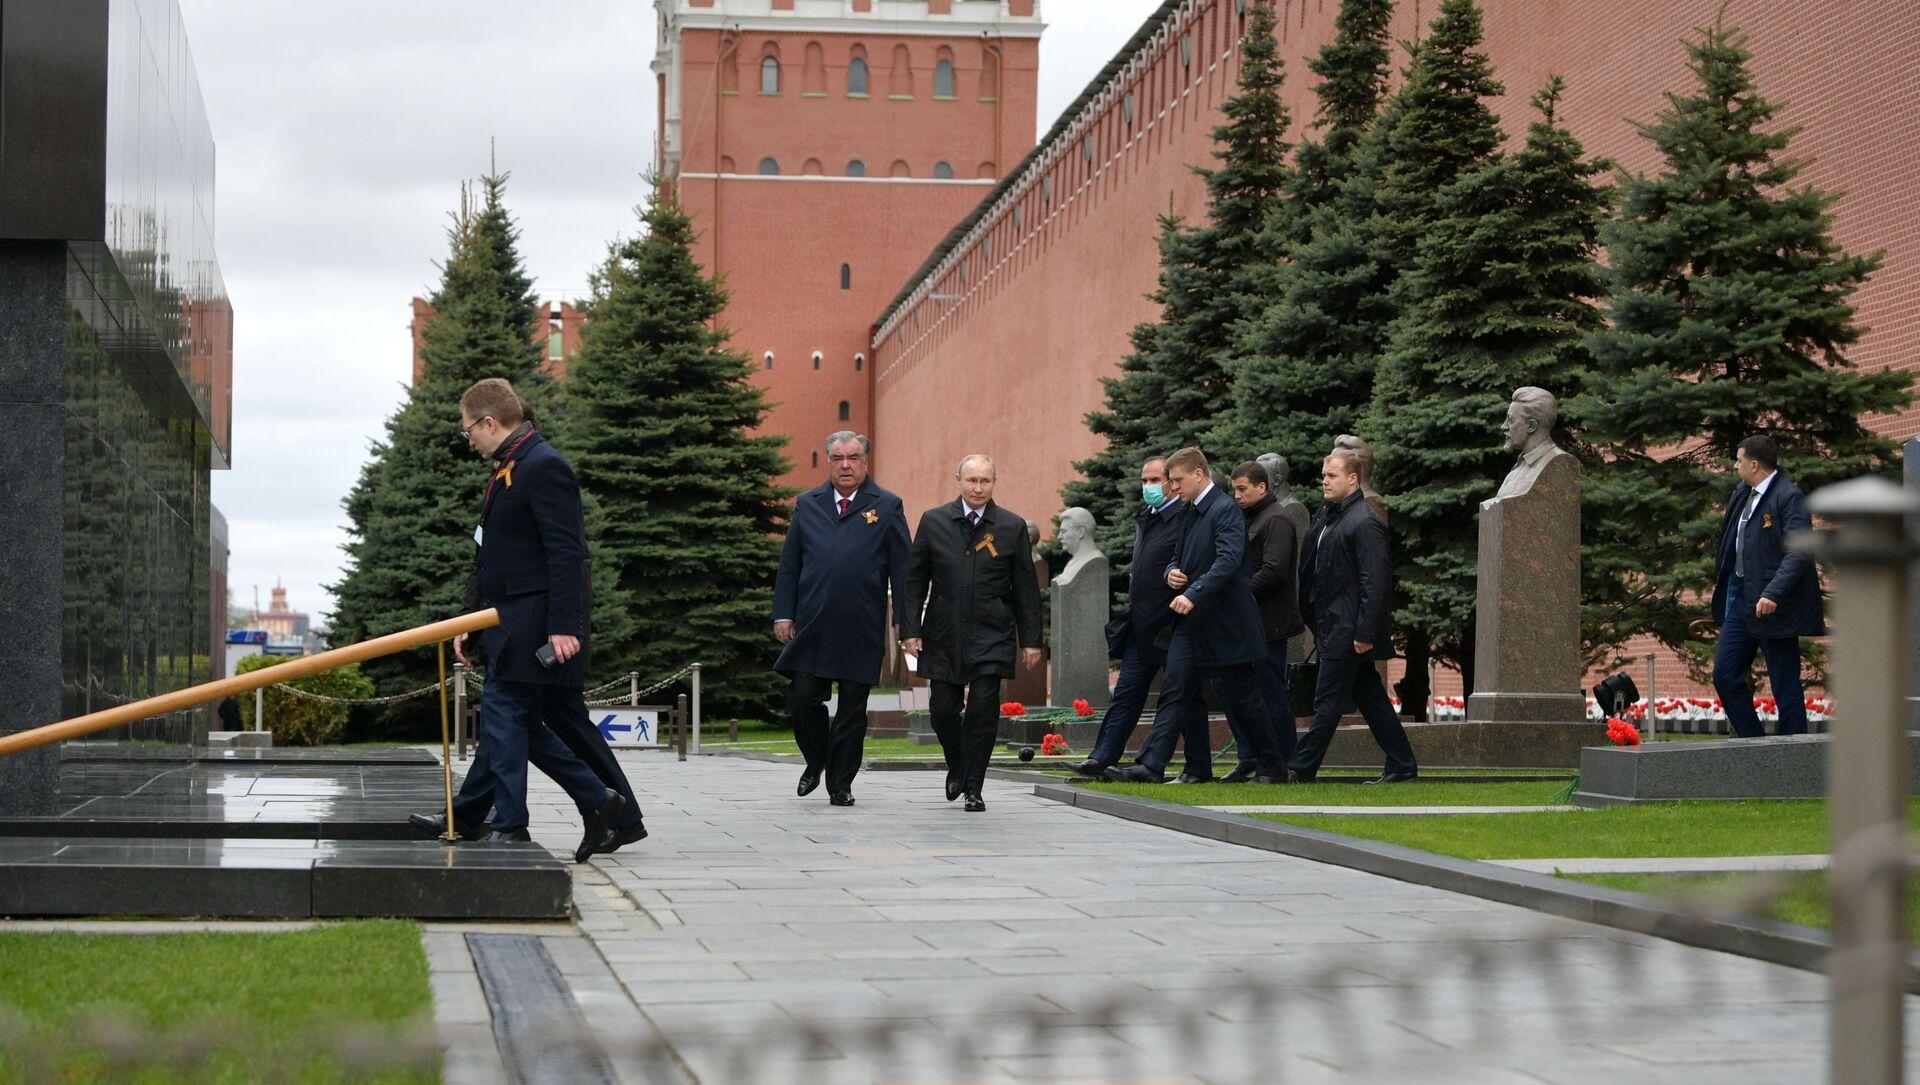 Il presidente russo Vladimir Putin attraversa i Giardini di Alessandro per raggiungere il Memoriale della tomba del Milite Ignoto  - Sputnik Italia, 1920, 09.05.2021